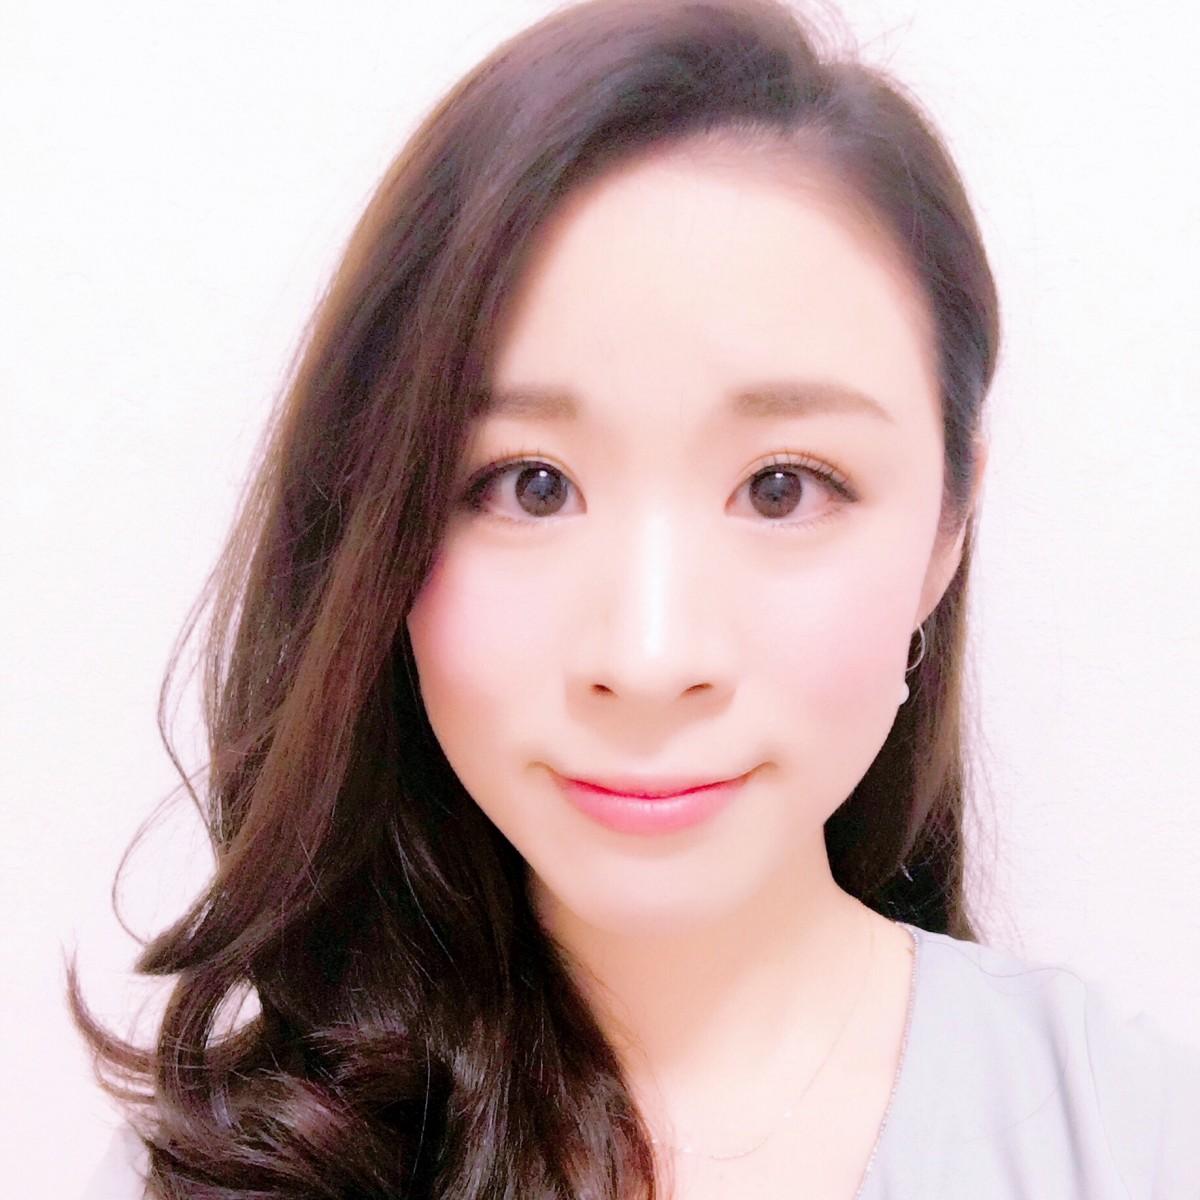 【自己紹介・ご挨拶】2017年度 美セレブ新メンバー 双子の 林みほ です♡